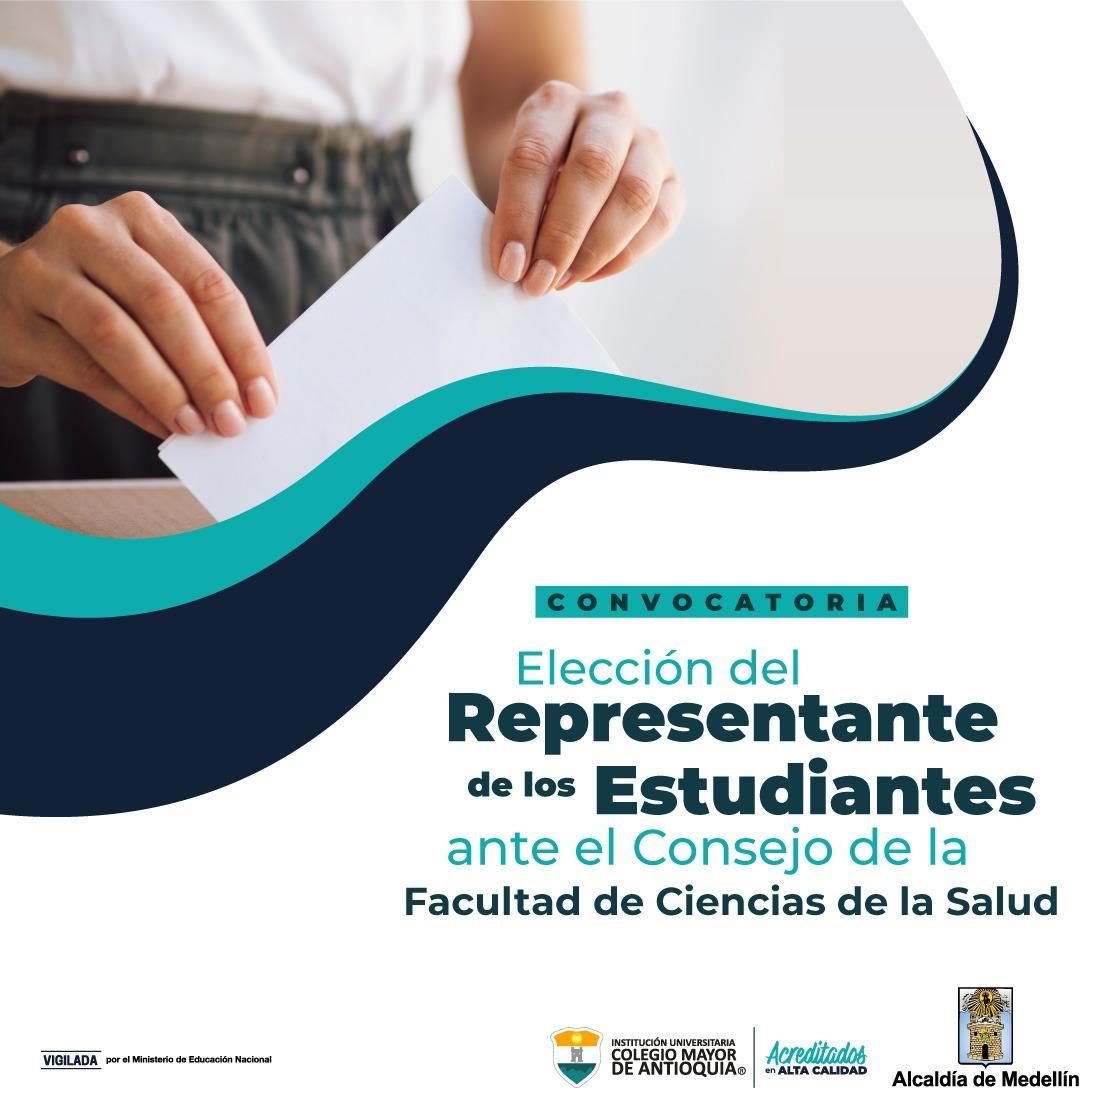 CONVOCATORIA DE ELECCIÓN, REPRESENTANTE DE LOS ESTUDIANTES ANTE EL CONSEJO DE LA FACULTAD DE CIENCIAS DE LA SALUD